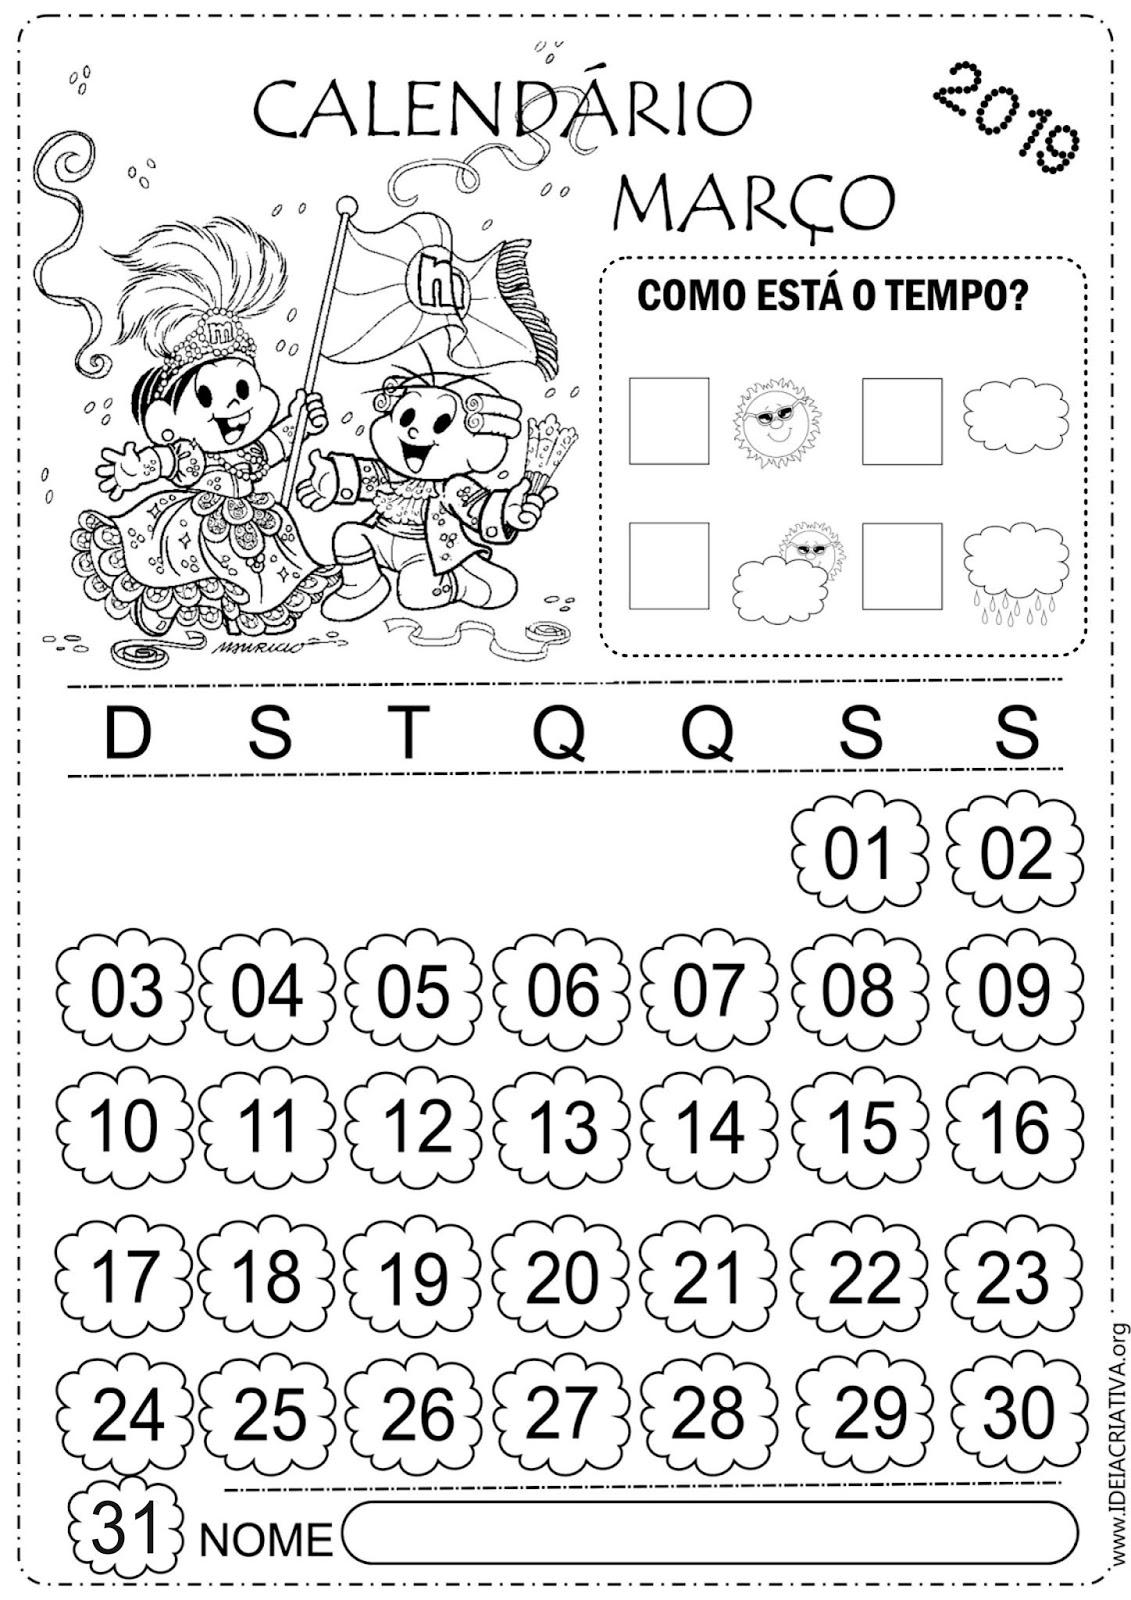 Calendarios Marco 2019 Para Imprimir E Colorir Turma Da Monica